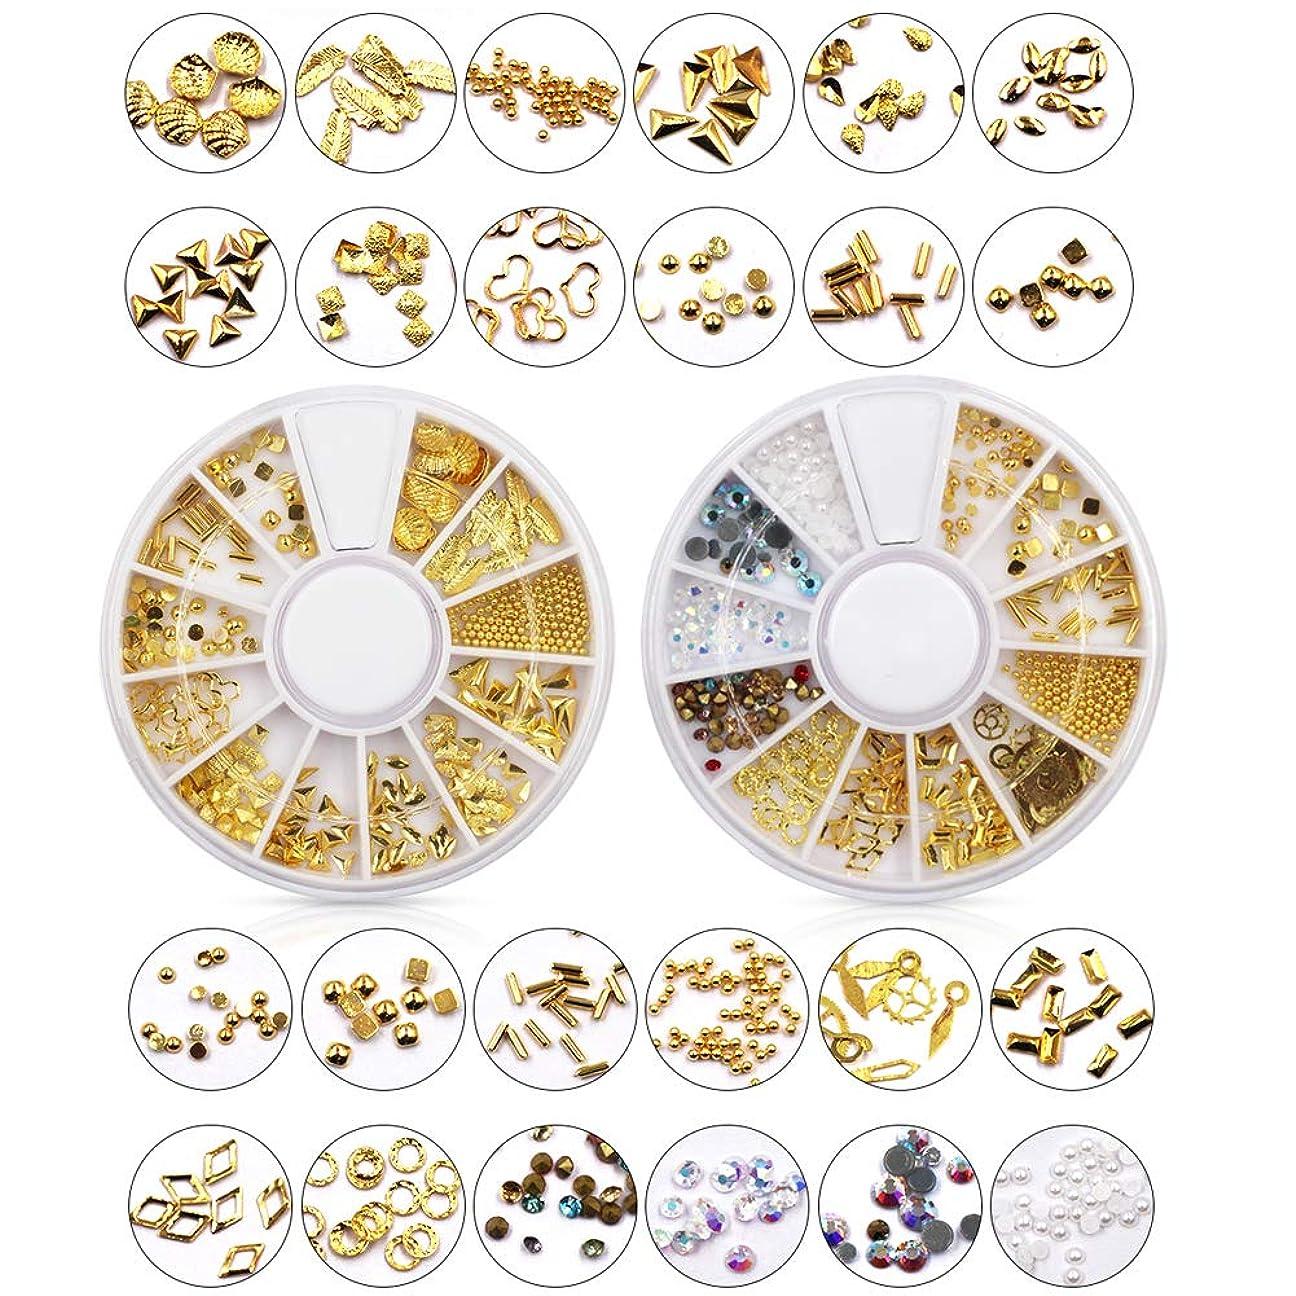 ヒゲに向かって抗生物質メーリンドス ネイルアートデザインパーツ ゴールドスタッズセット ジェルネイルレジン用 プロラインストーン&半円パール&合金 24種セット